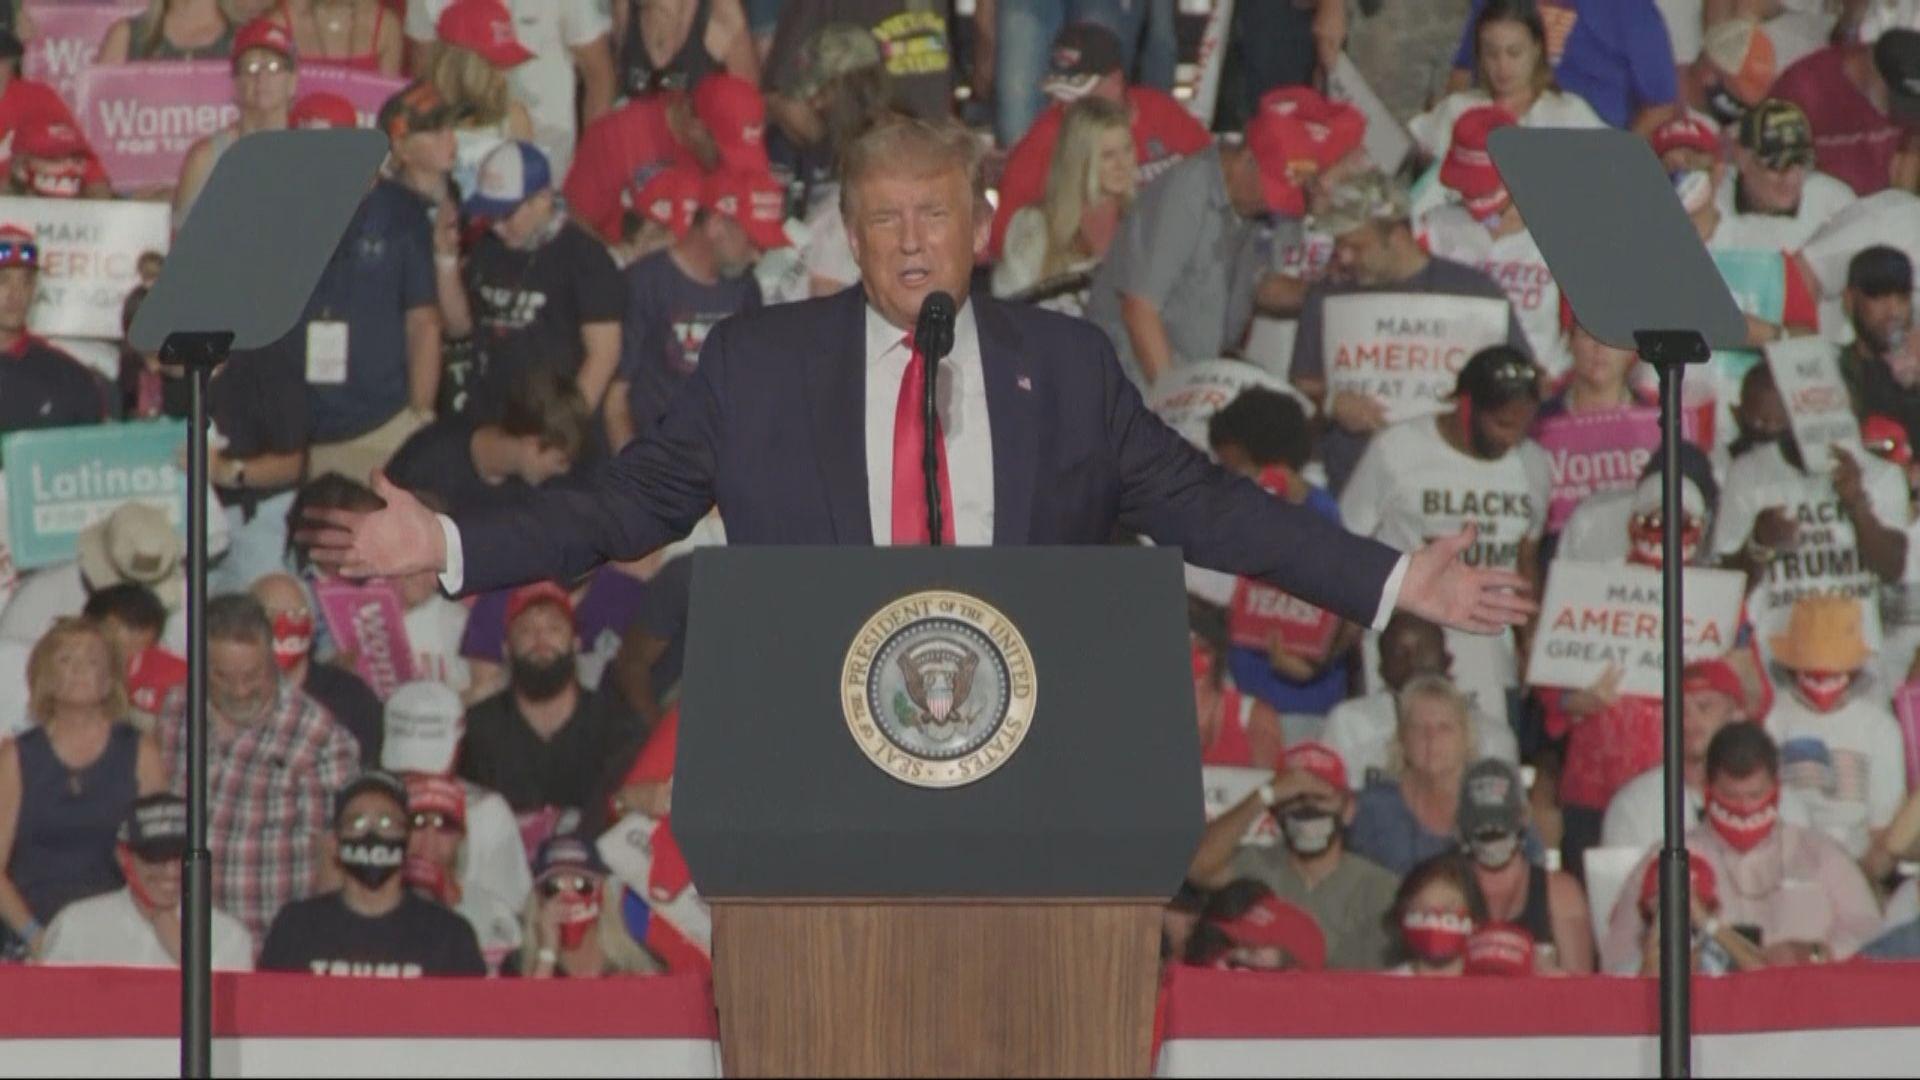 特朗普到佛羅里達州出席競選集會 拜登到俄亥俄州拉票